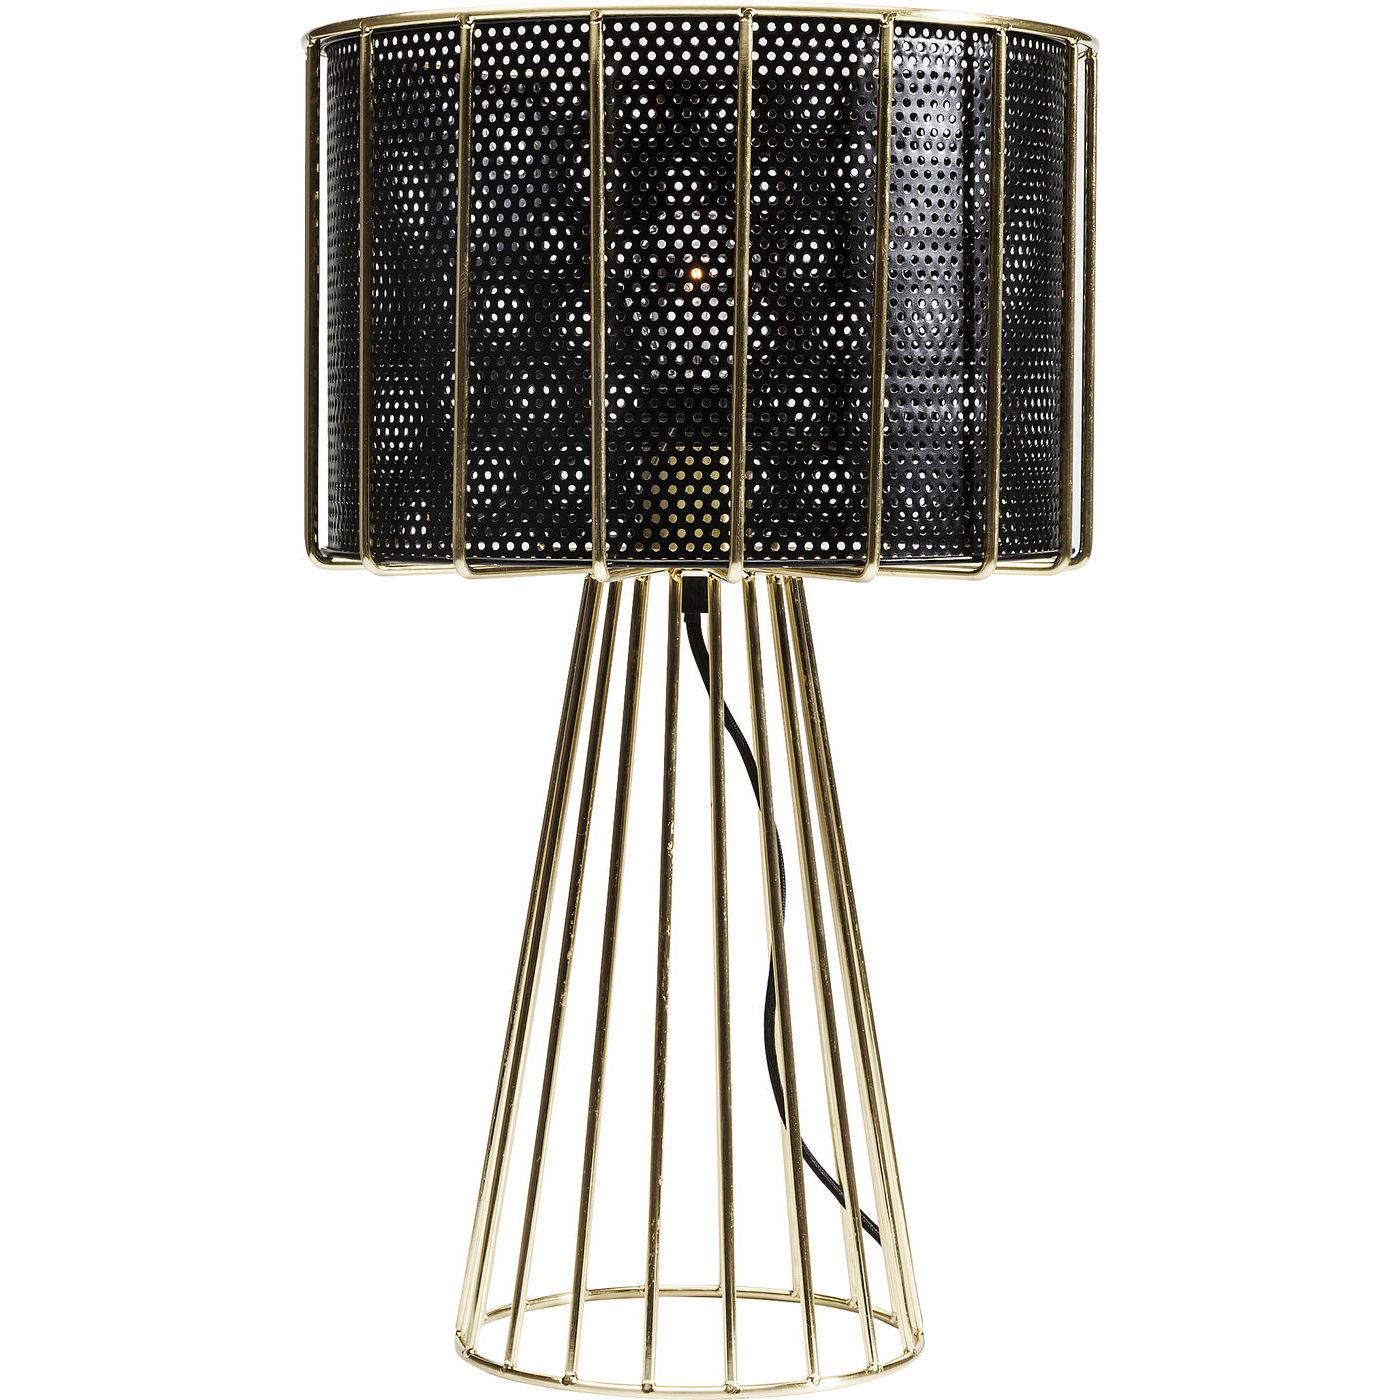 Kare design wire bowl bordlampe - guld/sort stål fra kare design på boboonline.dk